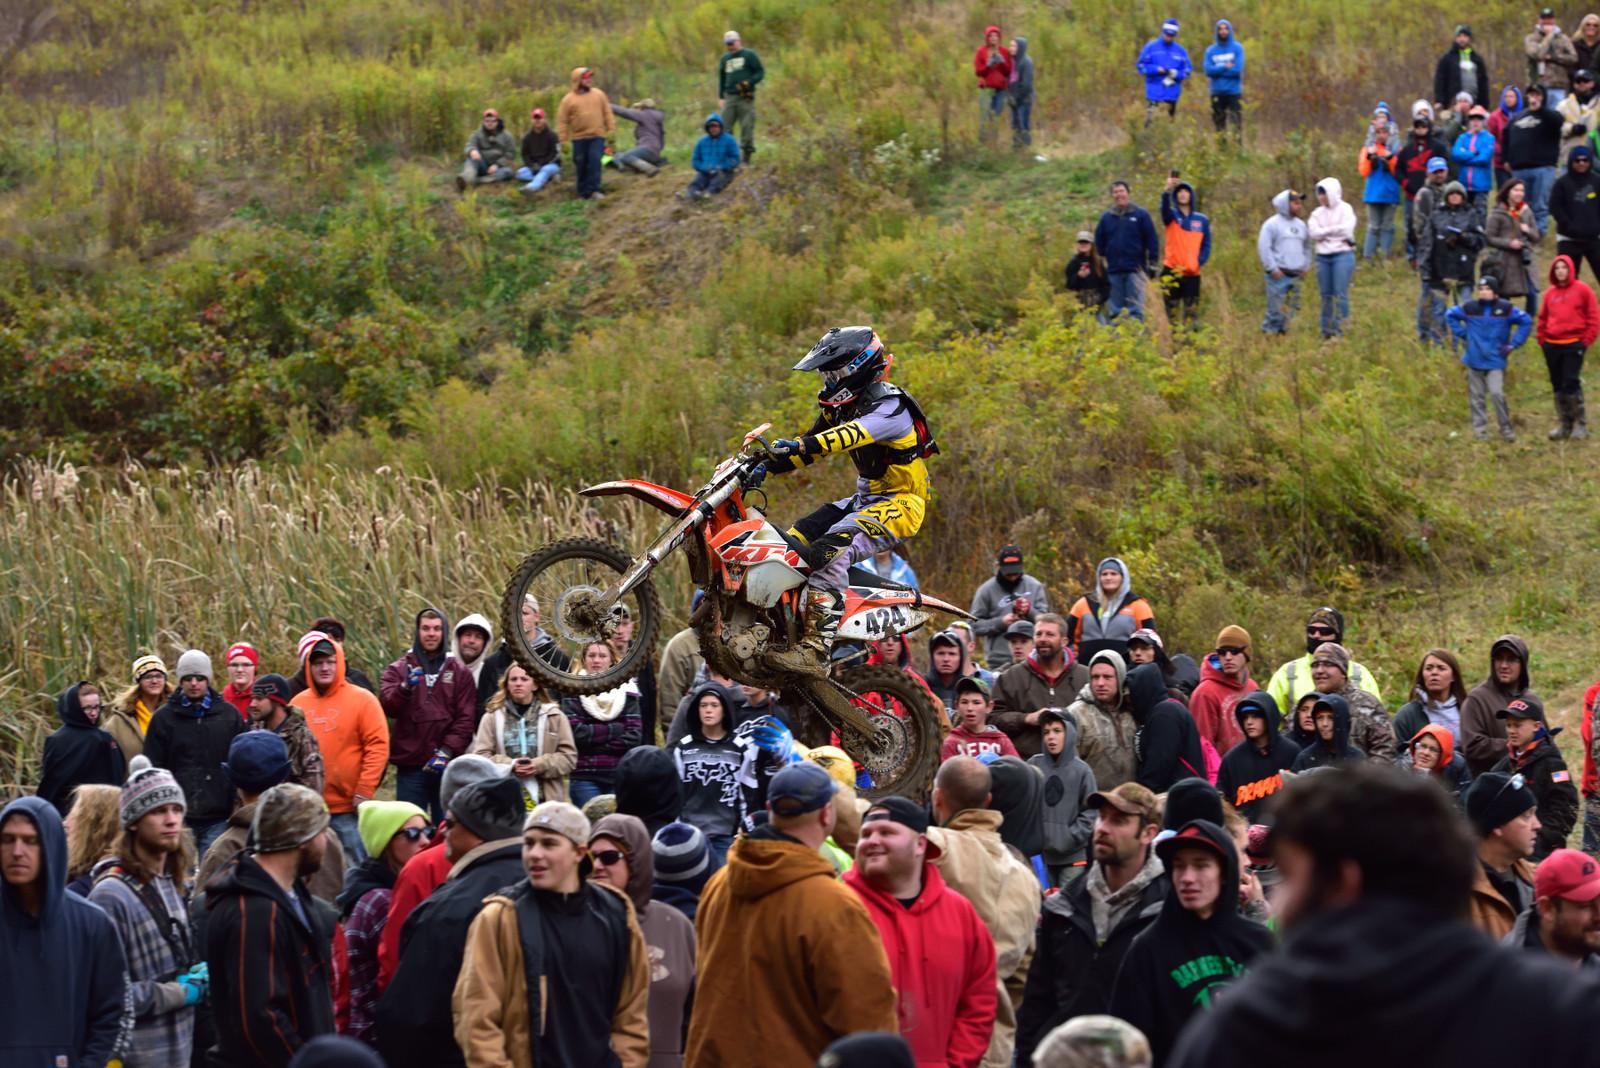 Fans - Photo Blast: Powerline Park GNCC - Motocross Pictures - Vital MX